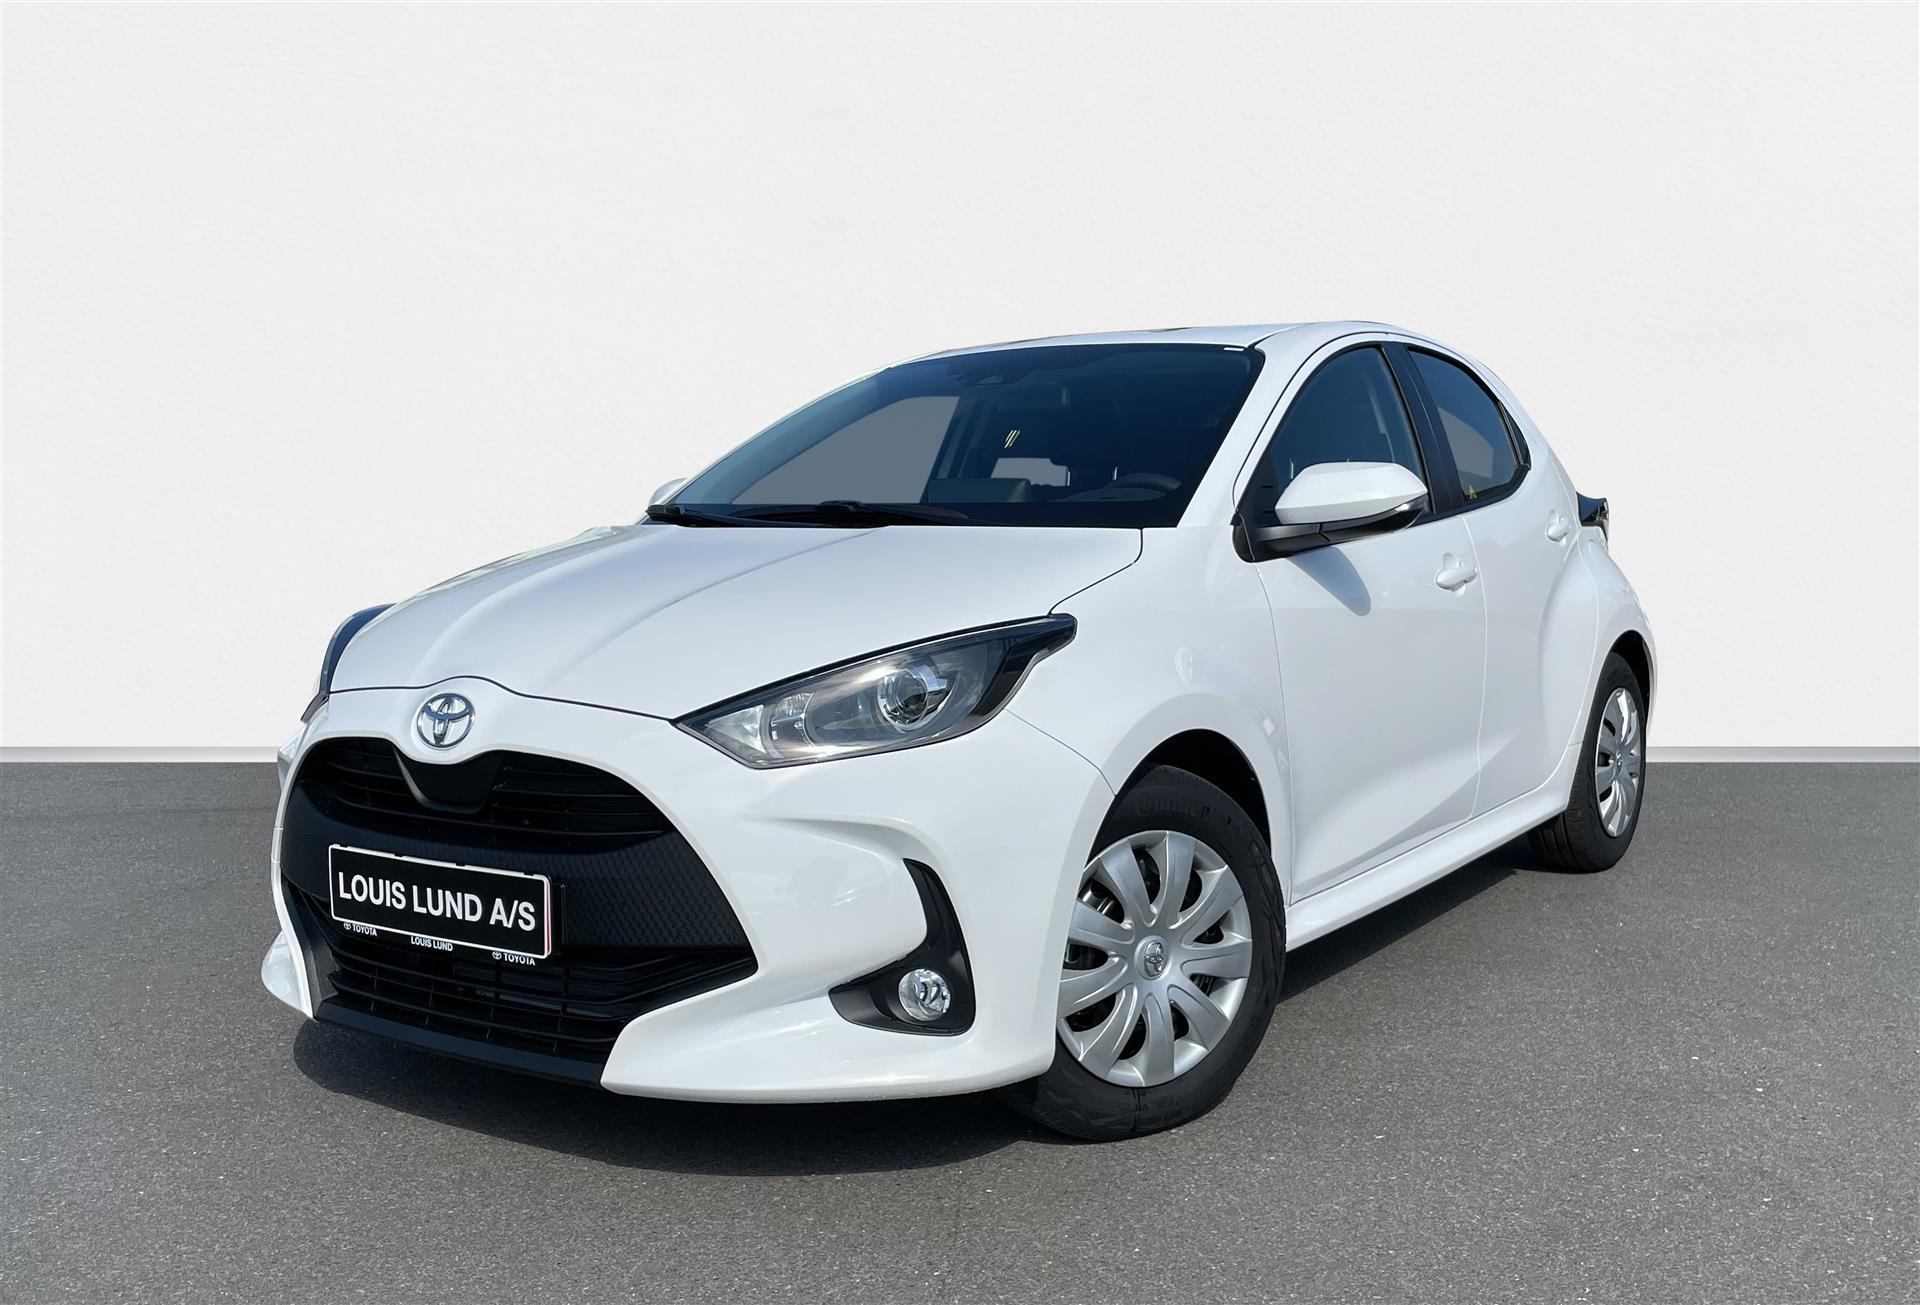 Billede af Toyota Yaris 1,0 VVT-I T3 72HK 5d